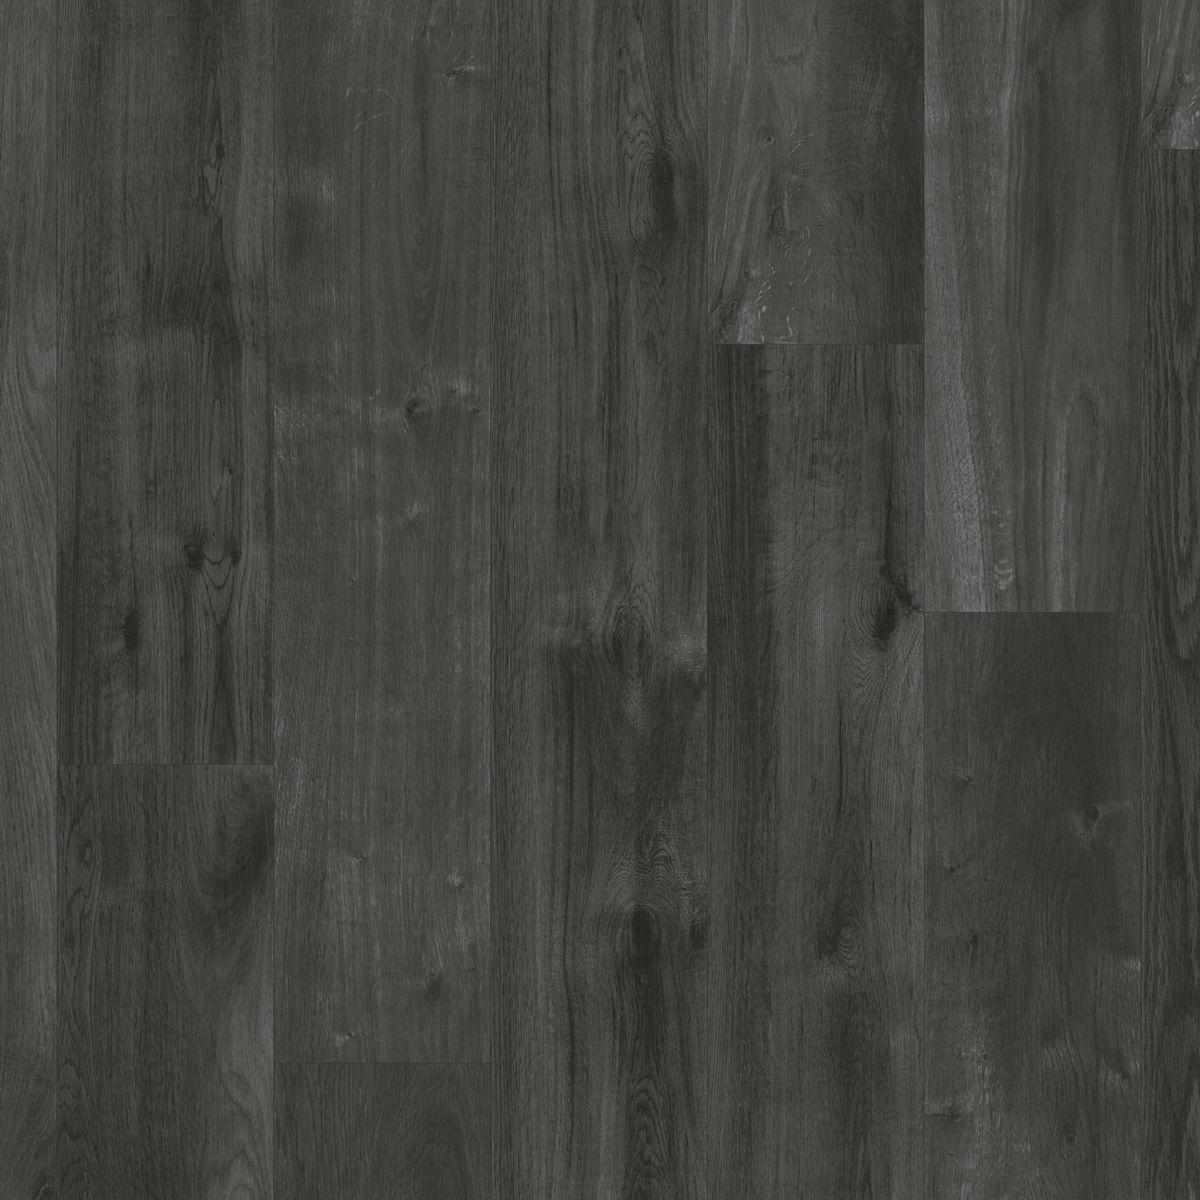 Karndean Van Gogh Ebony Vgw89t Vinyl Flooring